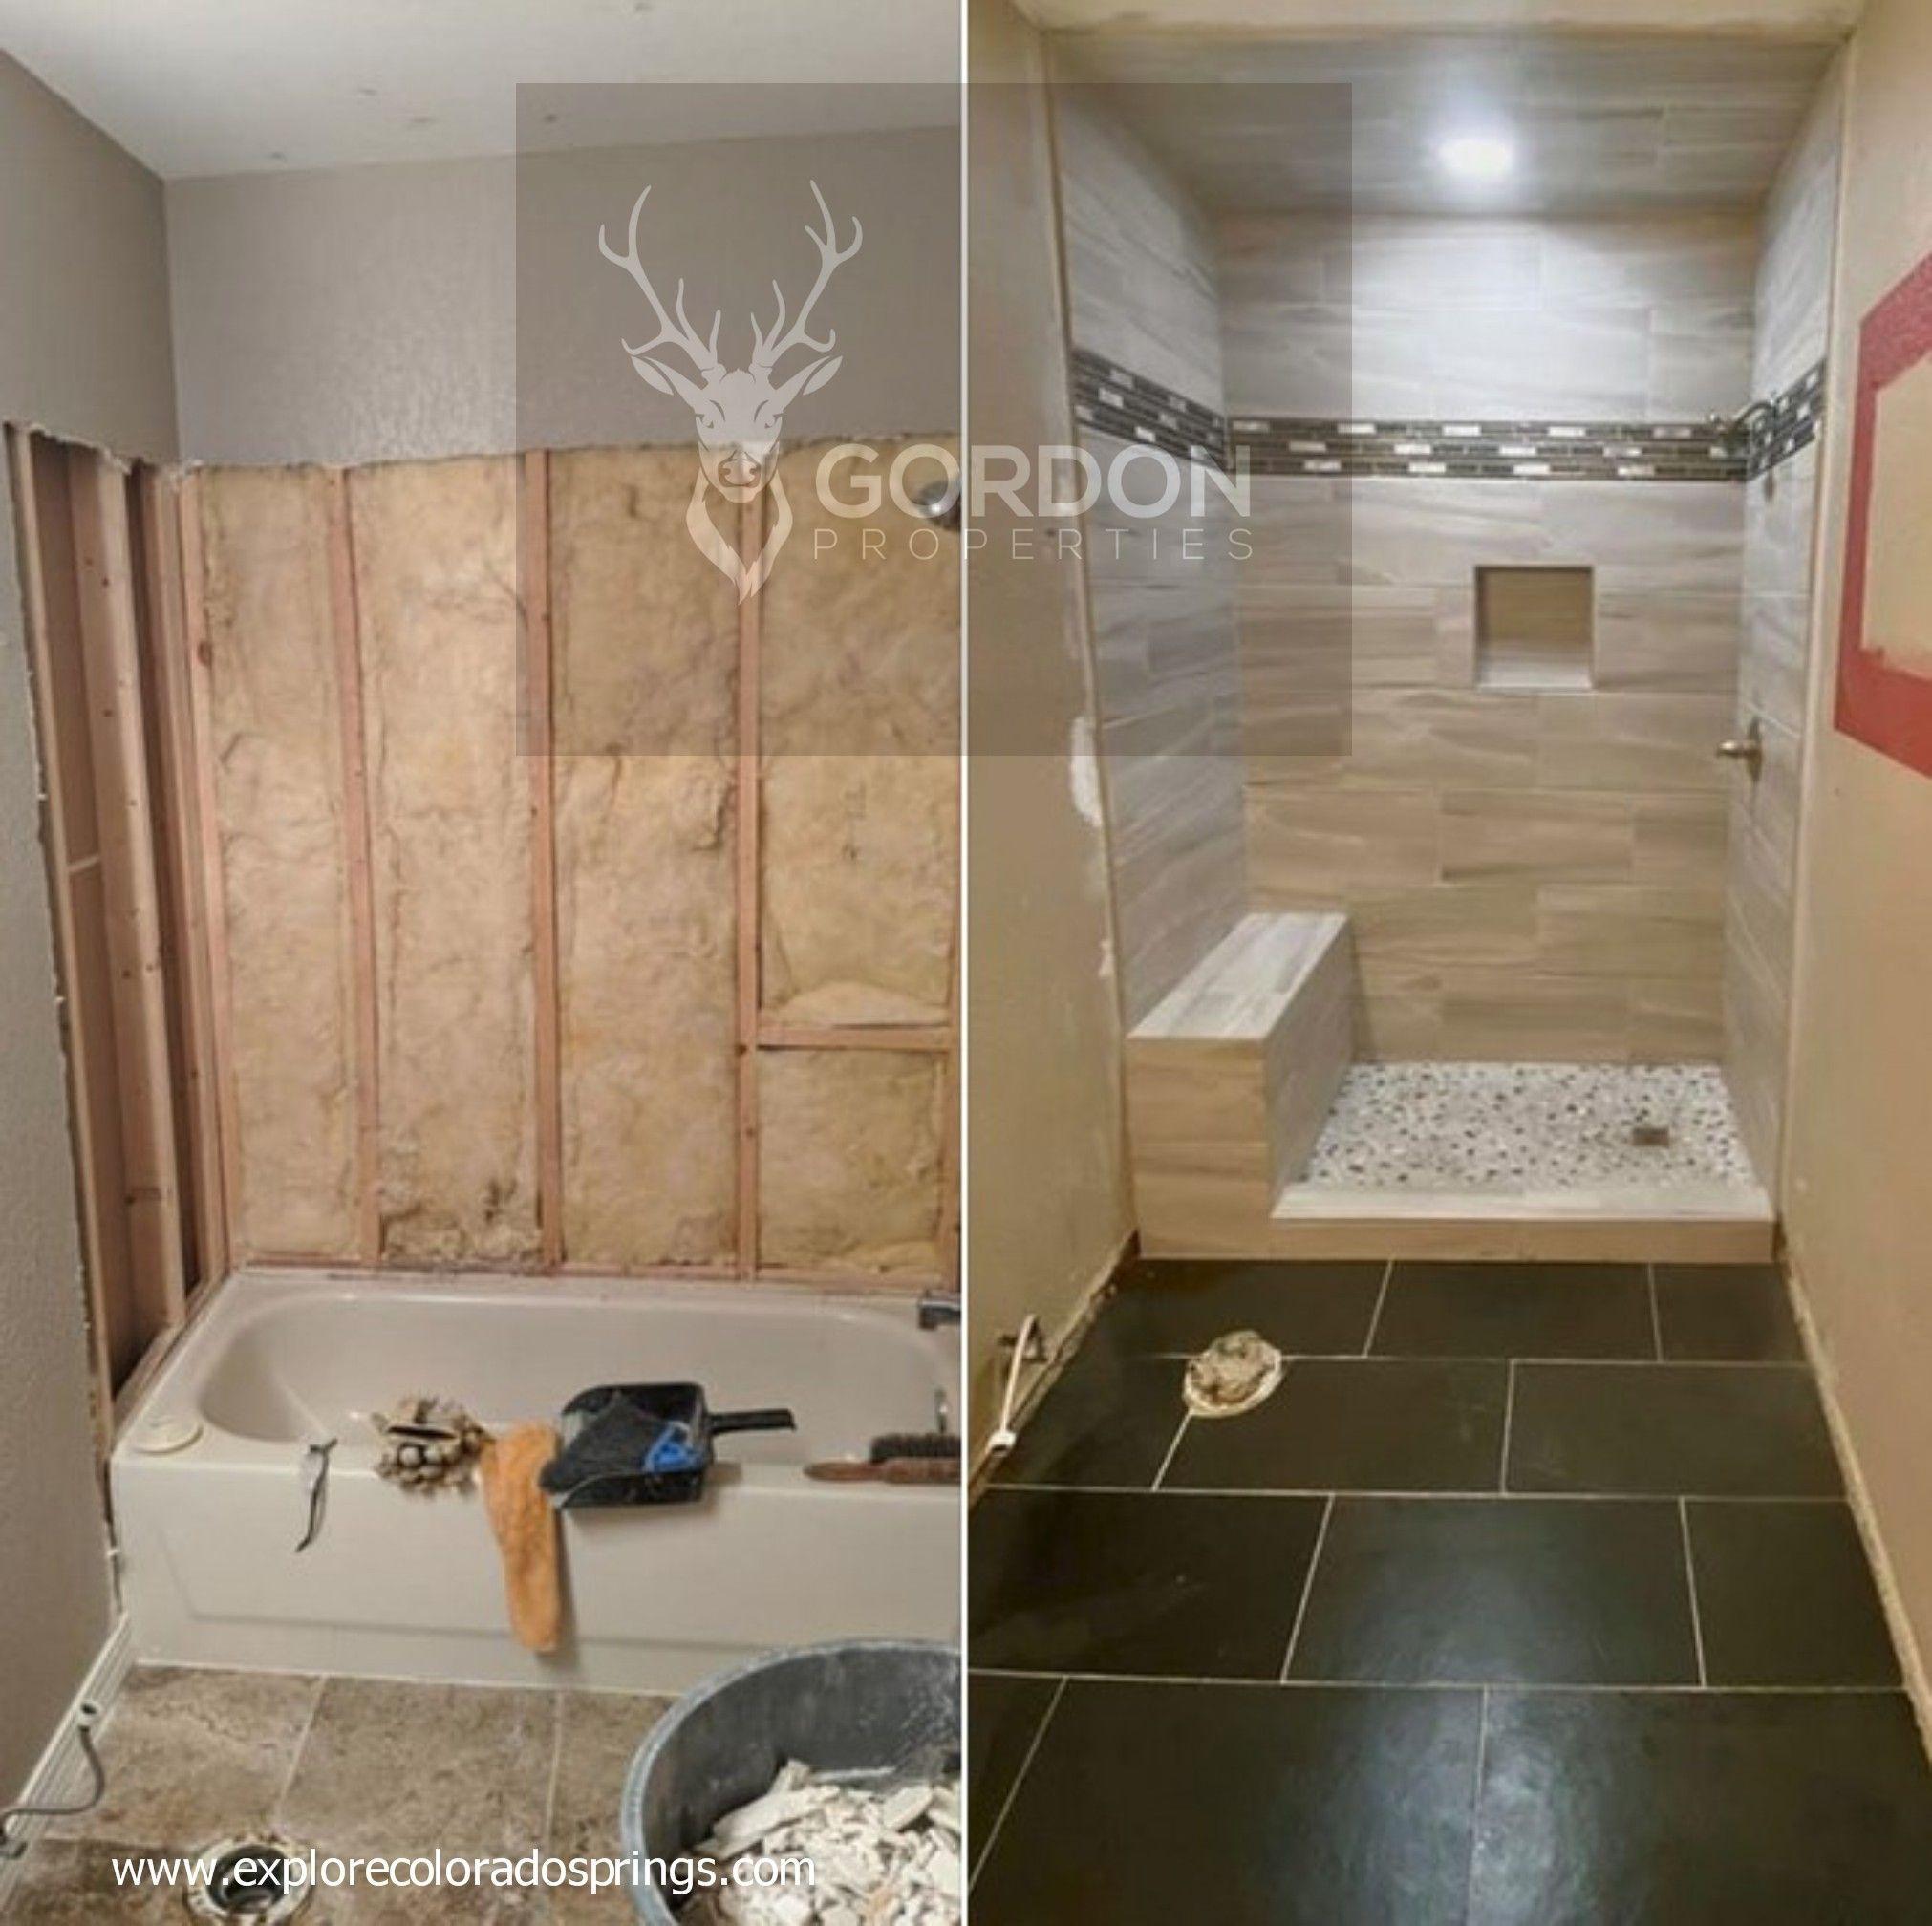 Bathroom Remodeling Colorado Springs - BATHROOM DESIGN